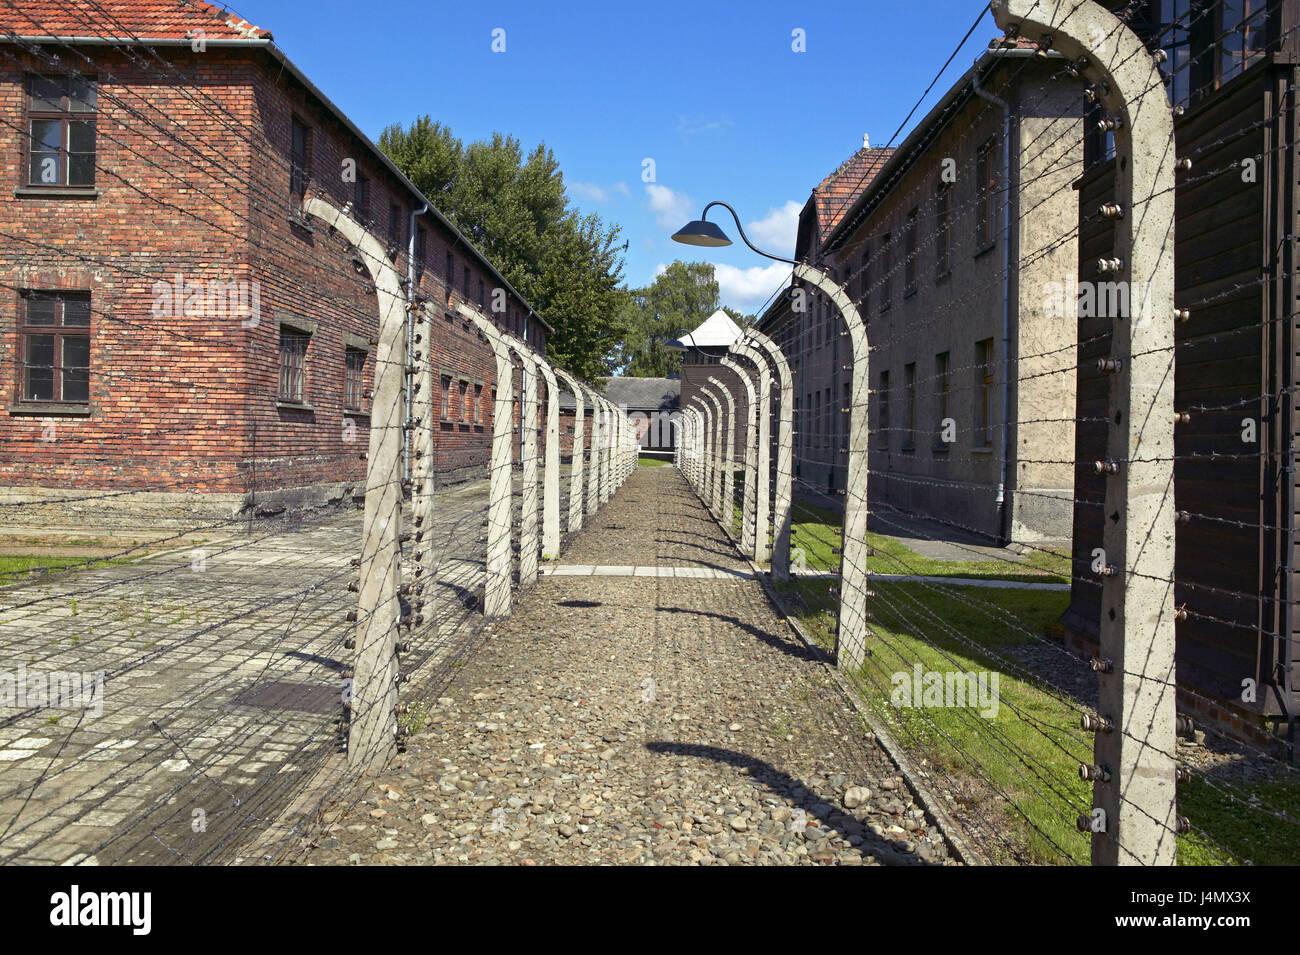 Poland Small Pole Auschwitz Concentration Camp Museum Fence Residential Wiring In Europe Barbed Wire Rzeczpospolita Polska Wojewdztwo Malopolskie Oswiecim Second World